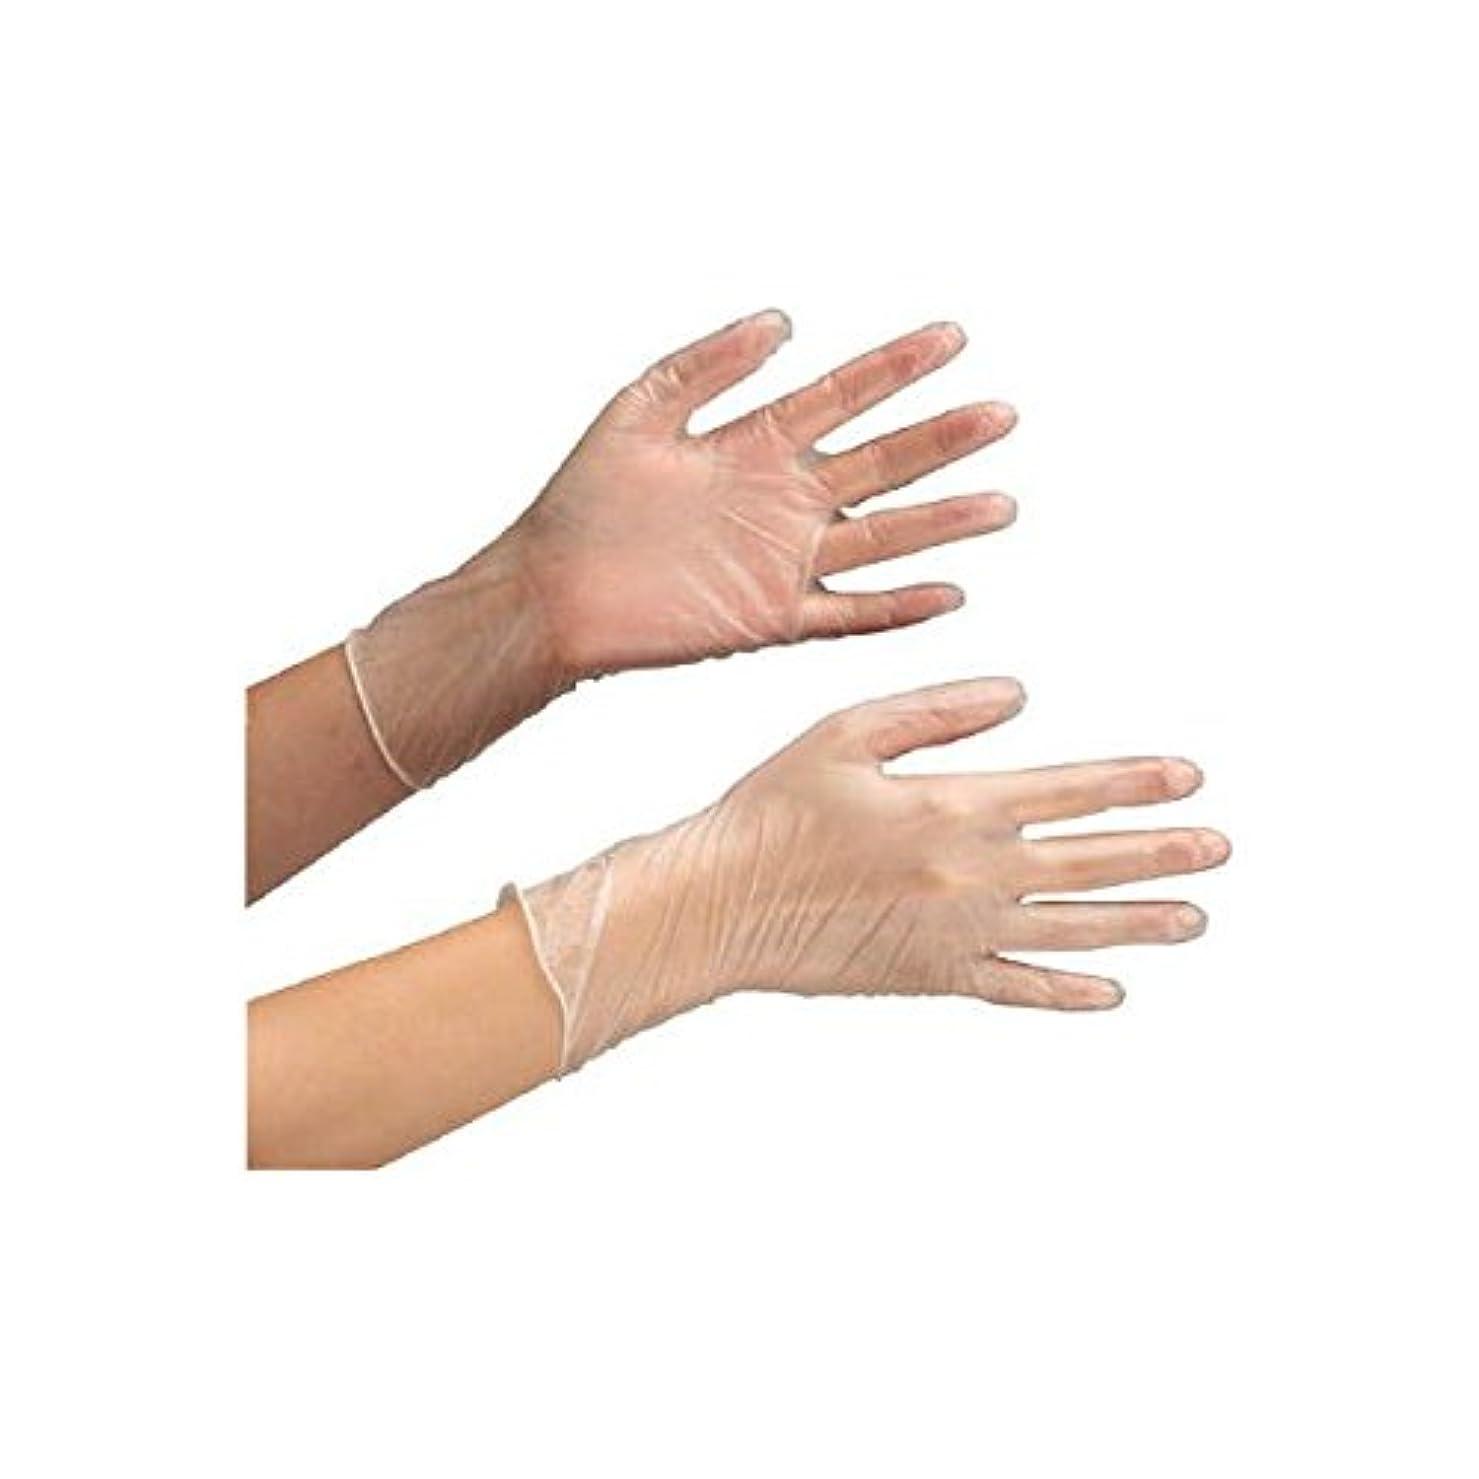 突き刺す任命大学ミドリ安全/ミドリ安全 塩化ビニール製 使い捨て手袋 粉付 100枚入 SS(3889394) VERTE-853-SS [その他]